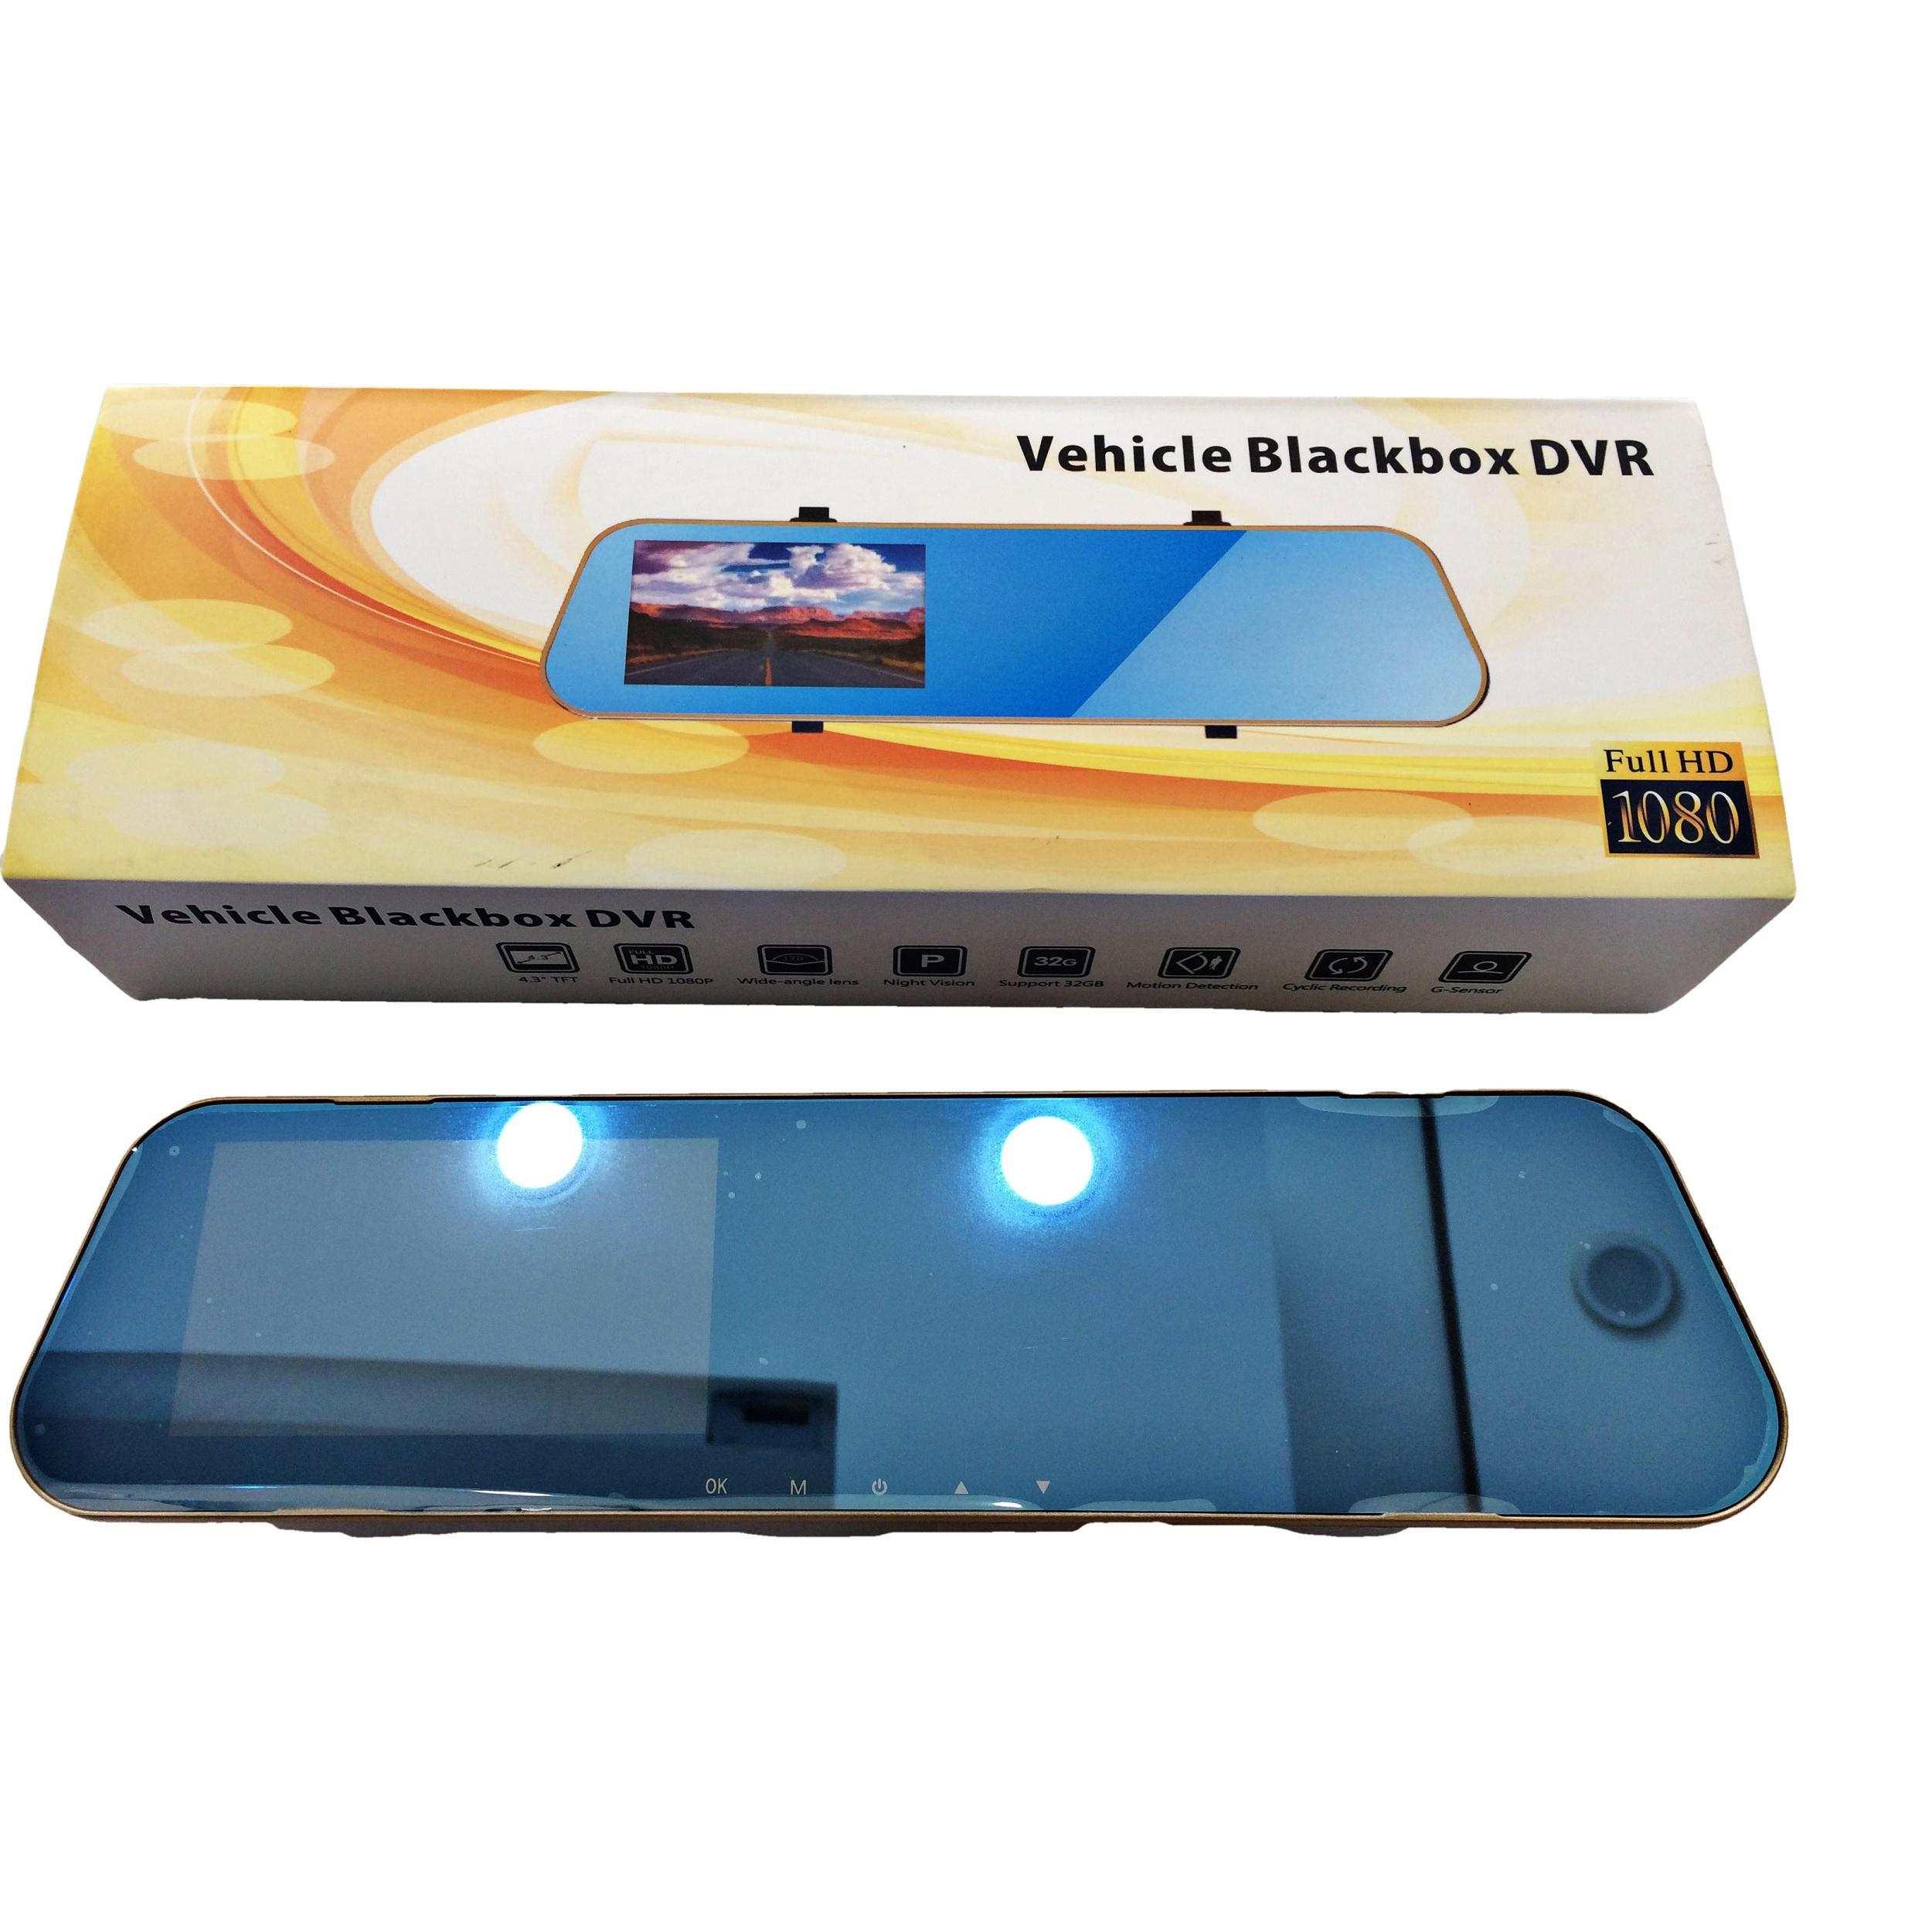 DVR خودرو همراه با دوربین عقب دید در شب مدل RCO1126